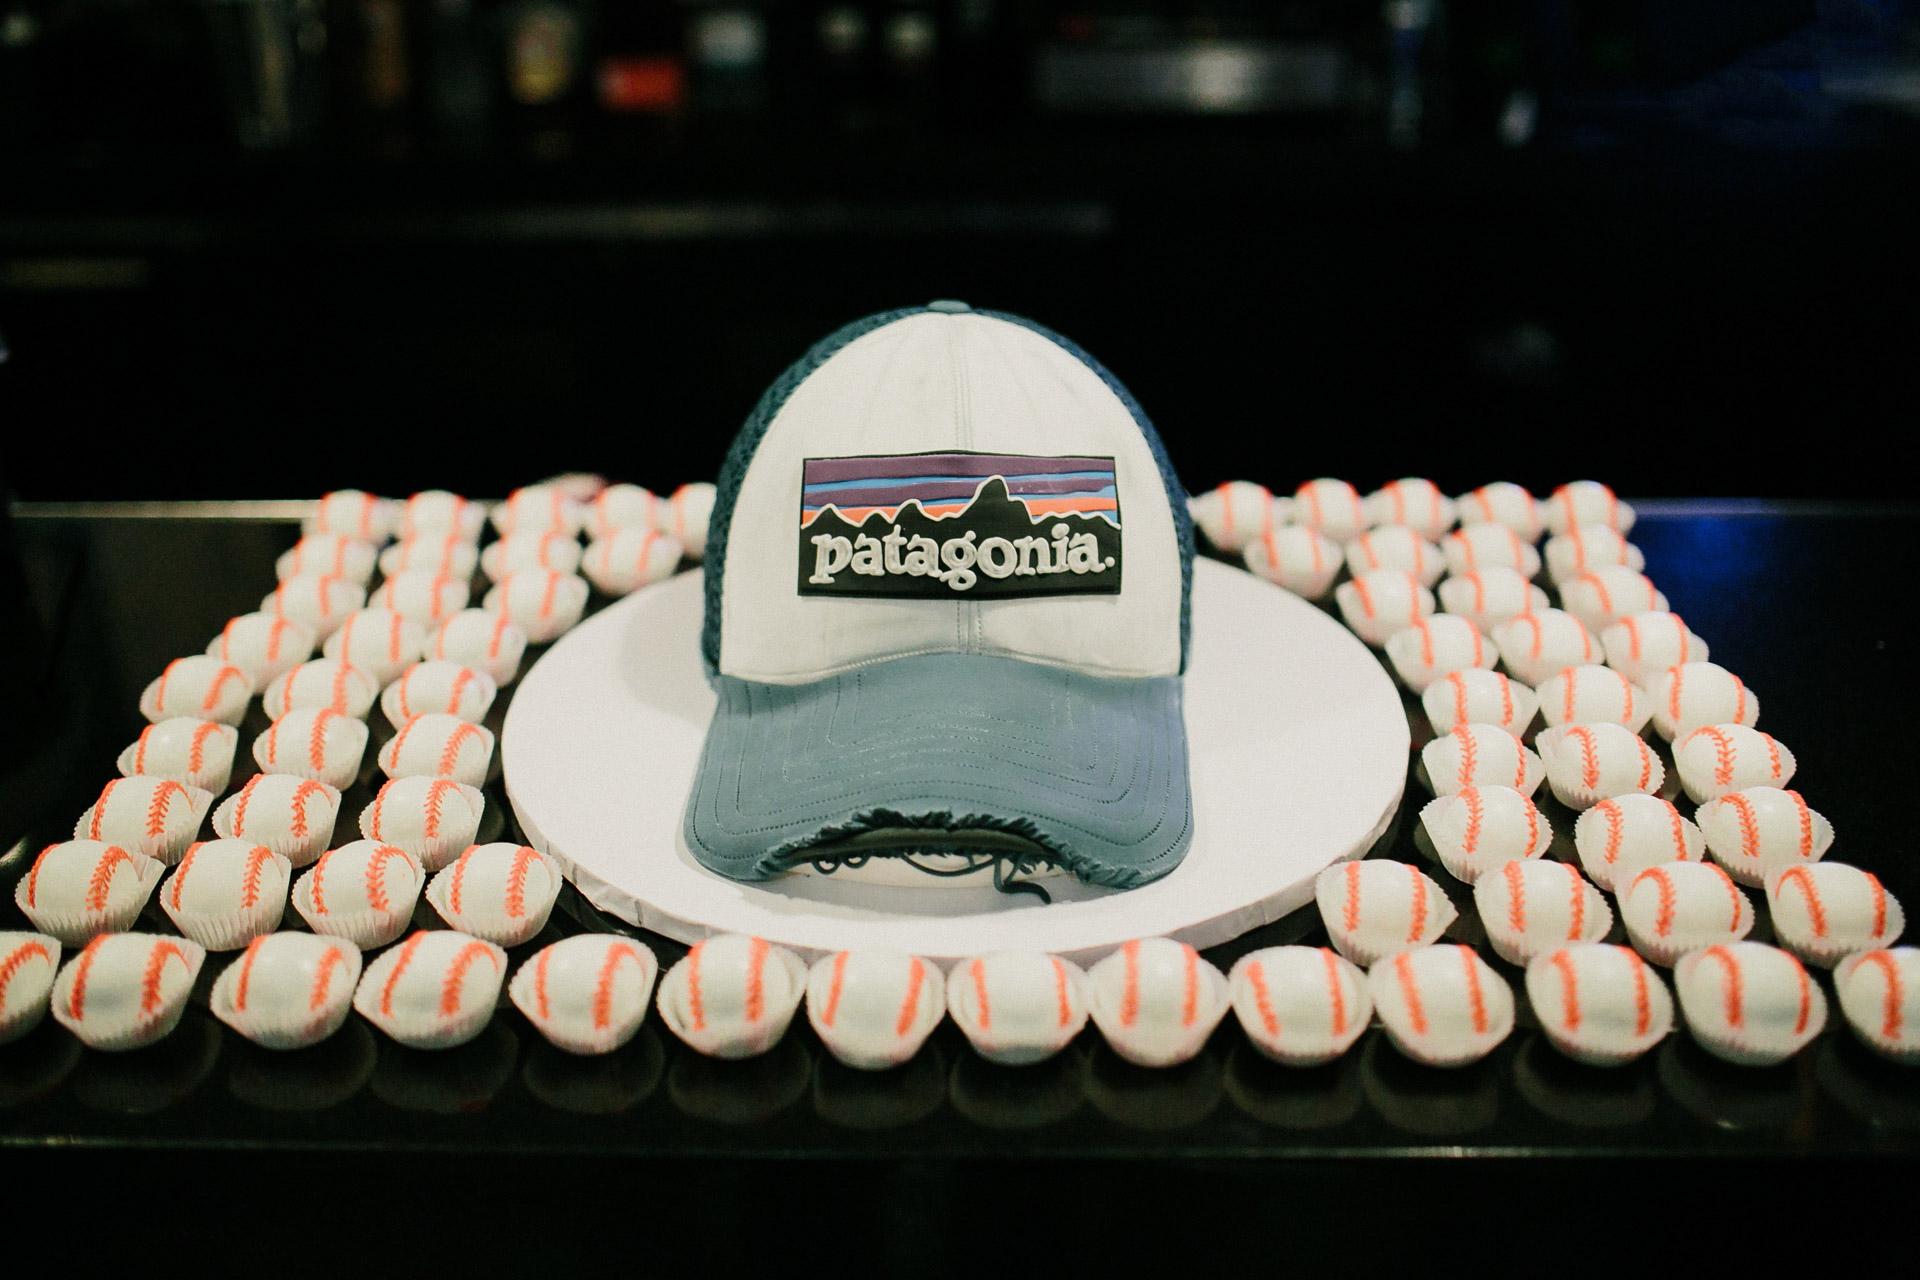 Patagonia wedding cake